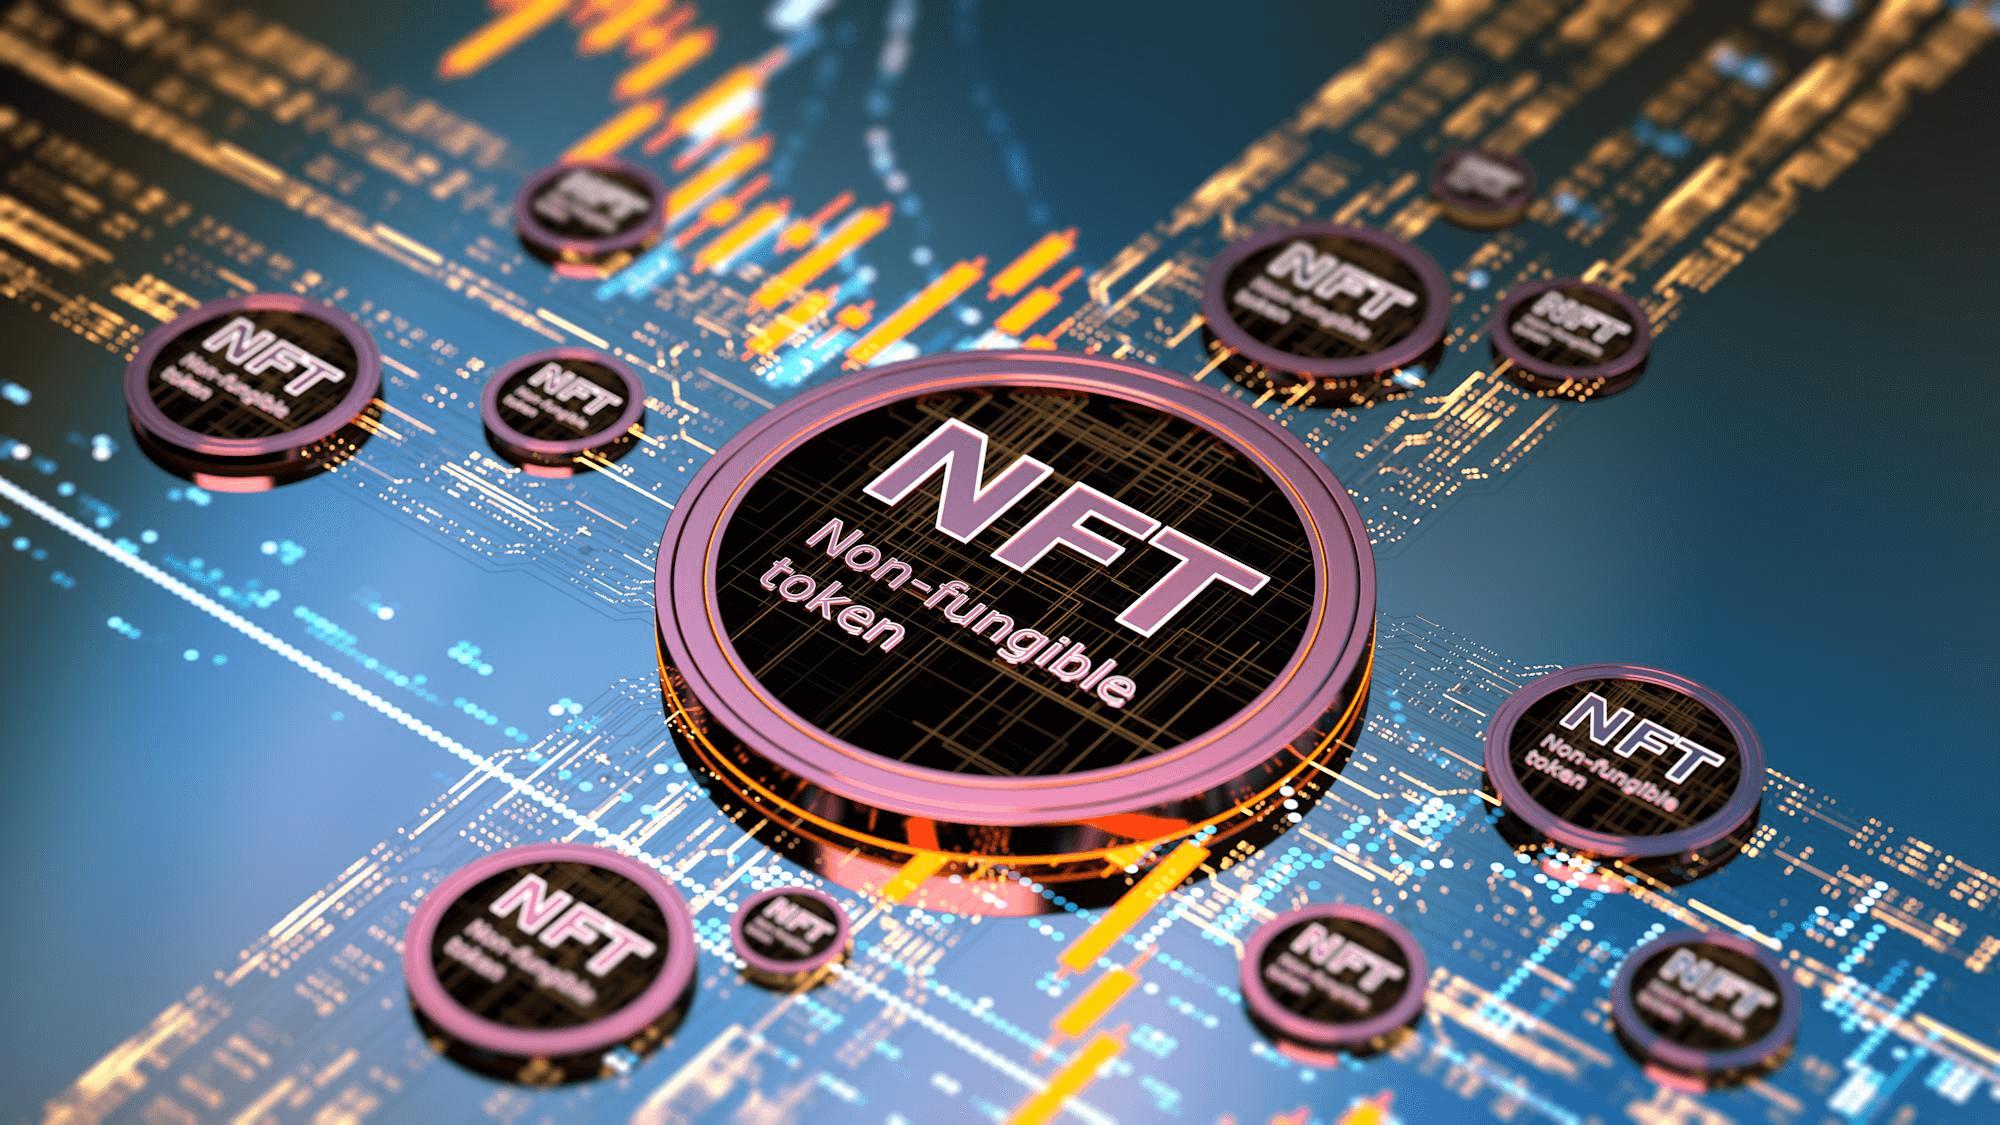 NFT Art Finance là gì - Hướng dẫn mua NFT Art Finance